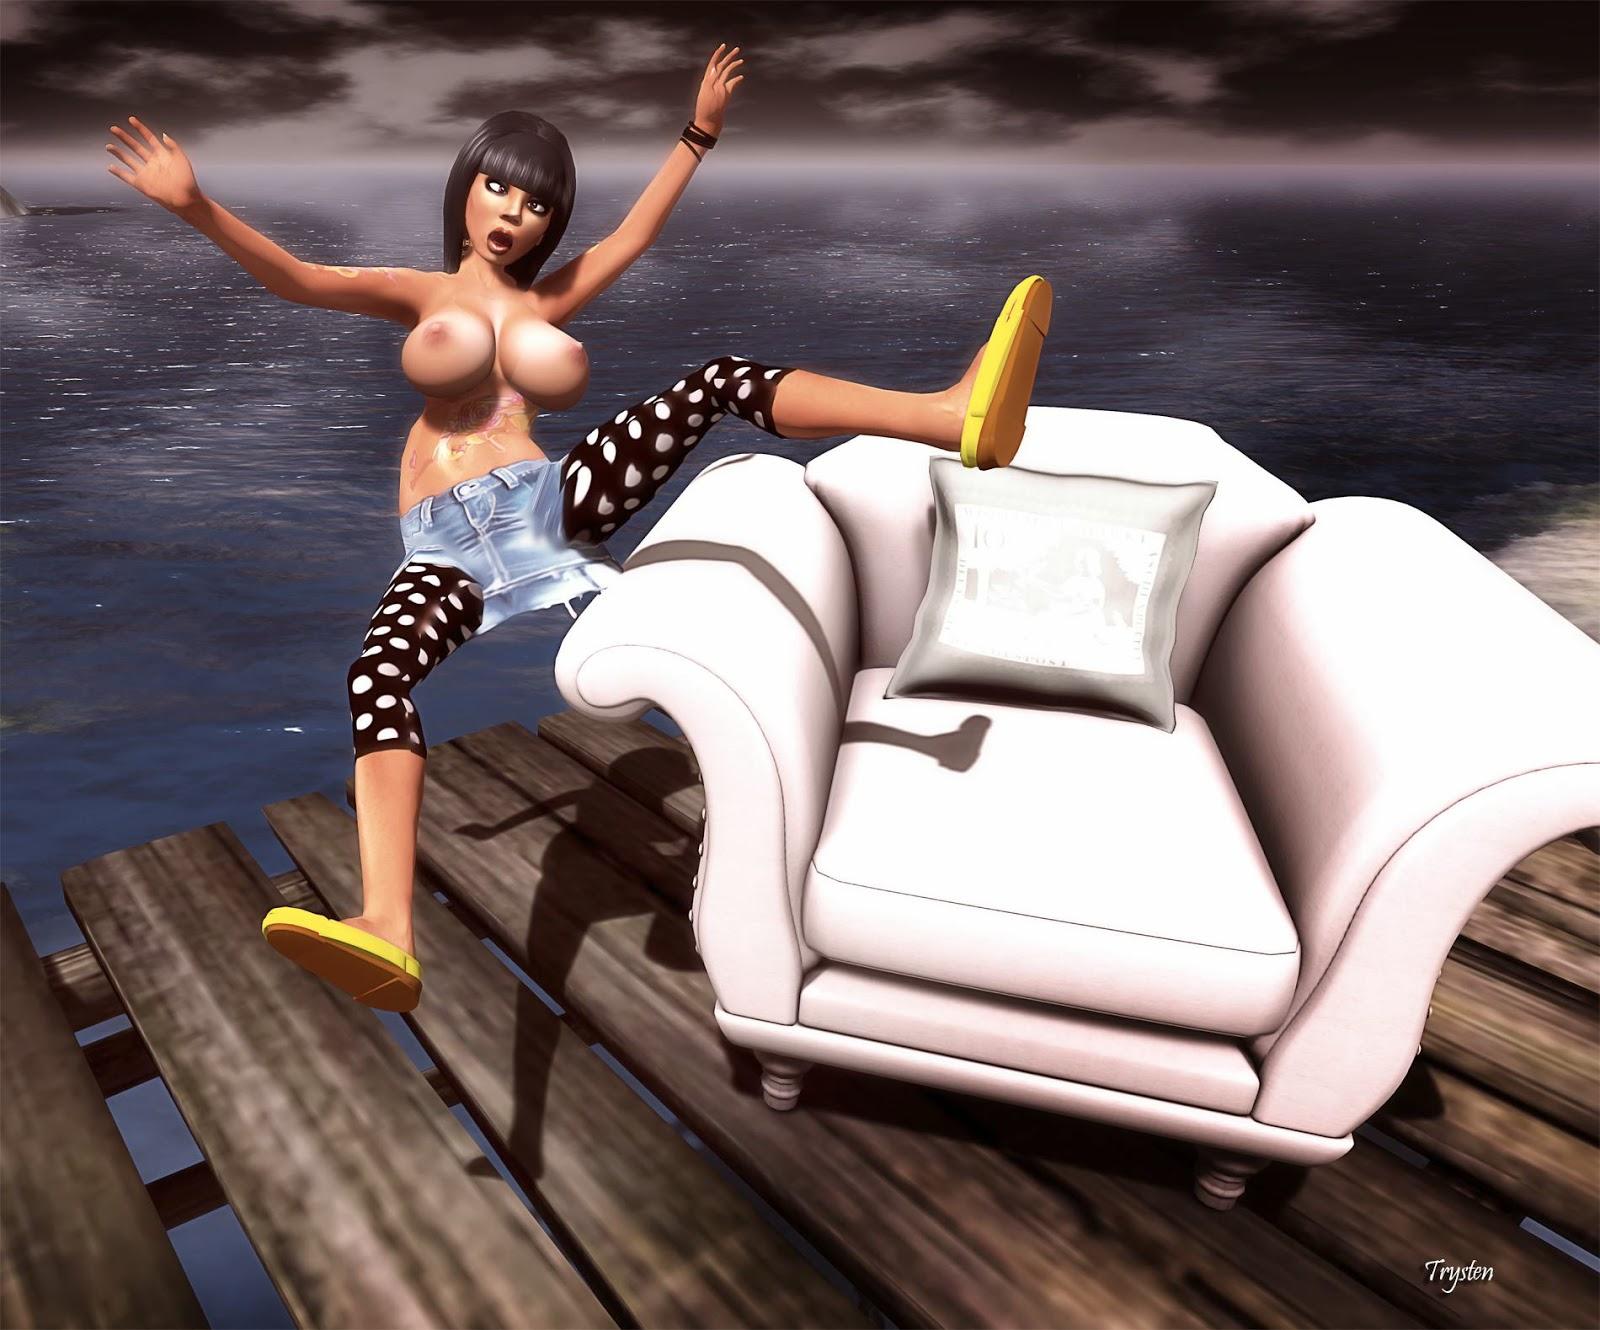 The Chair - Minali.